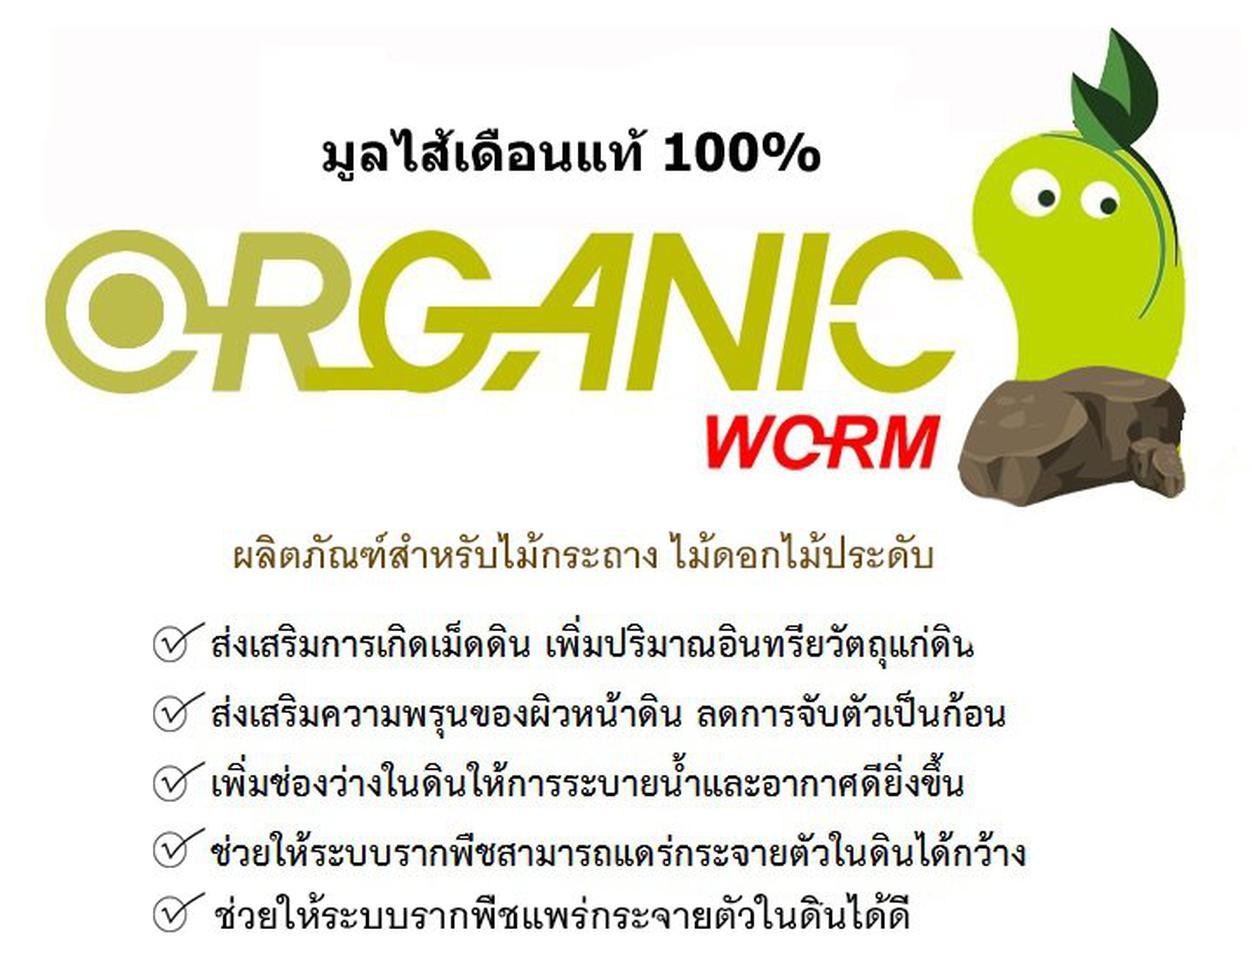 มูลไส้เดือนแท้ 100% ตรา Organic Worm รูปที่ 2